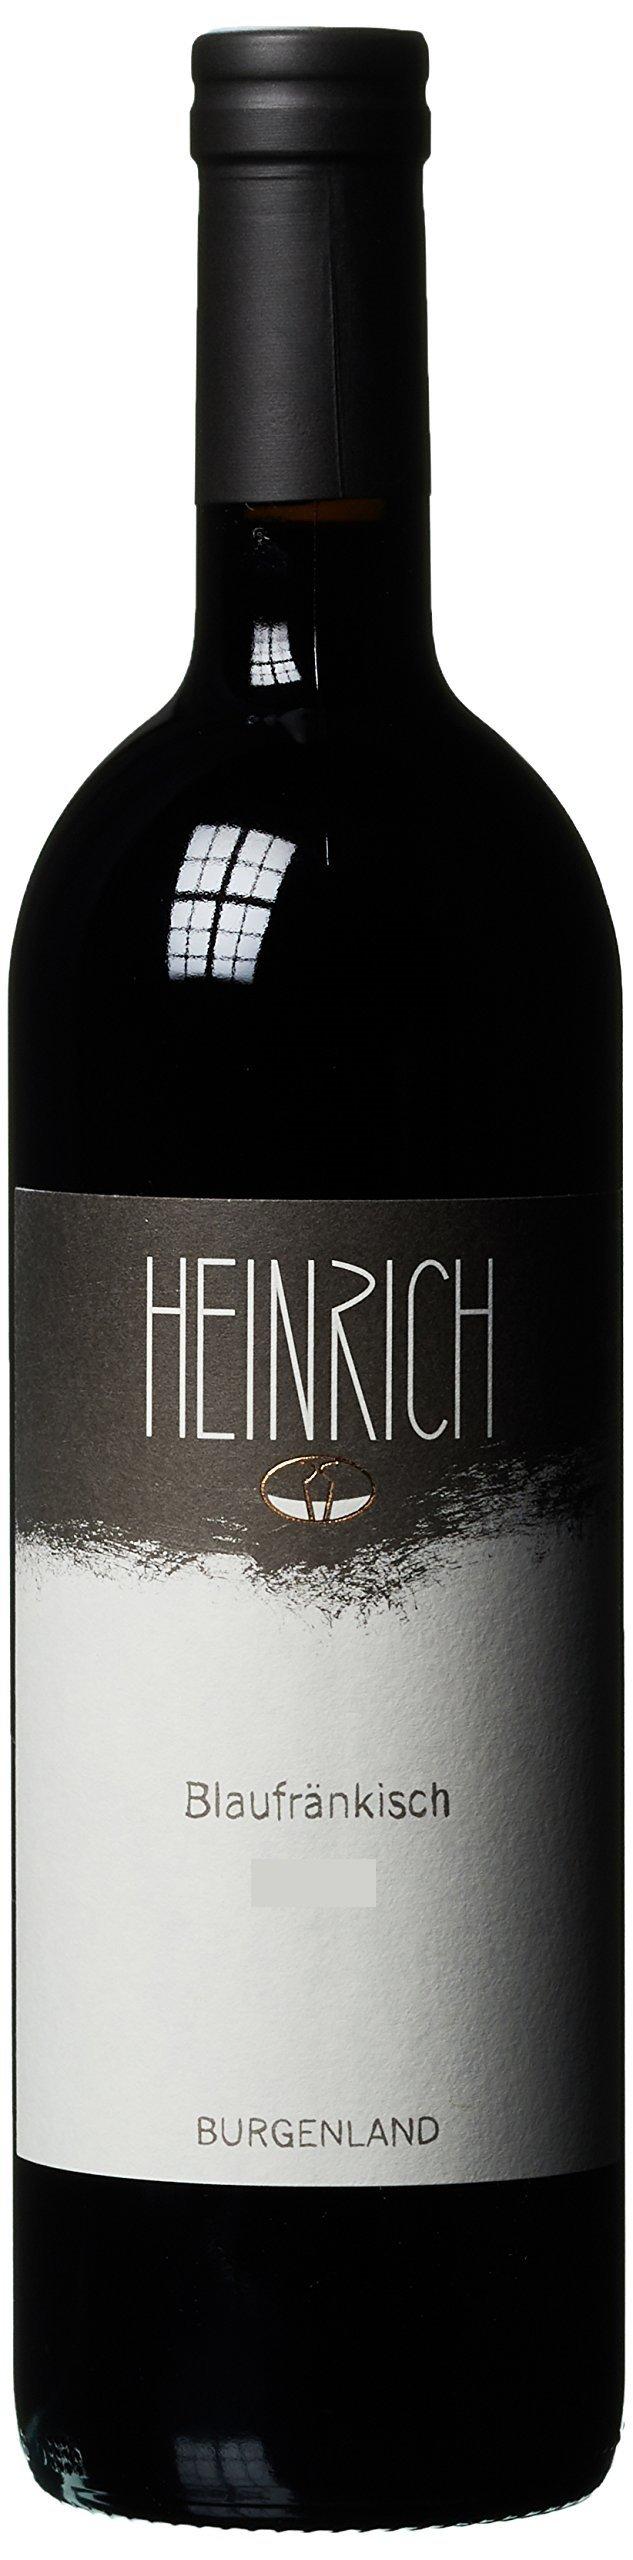 Weingut-Heinrich-Blaufrnkisch-1-x-075-l